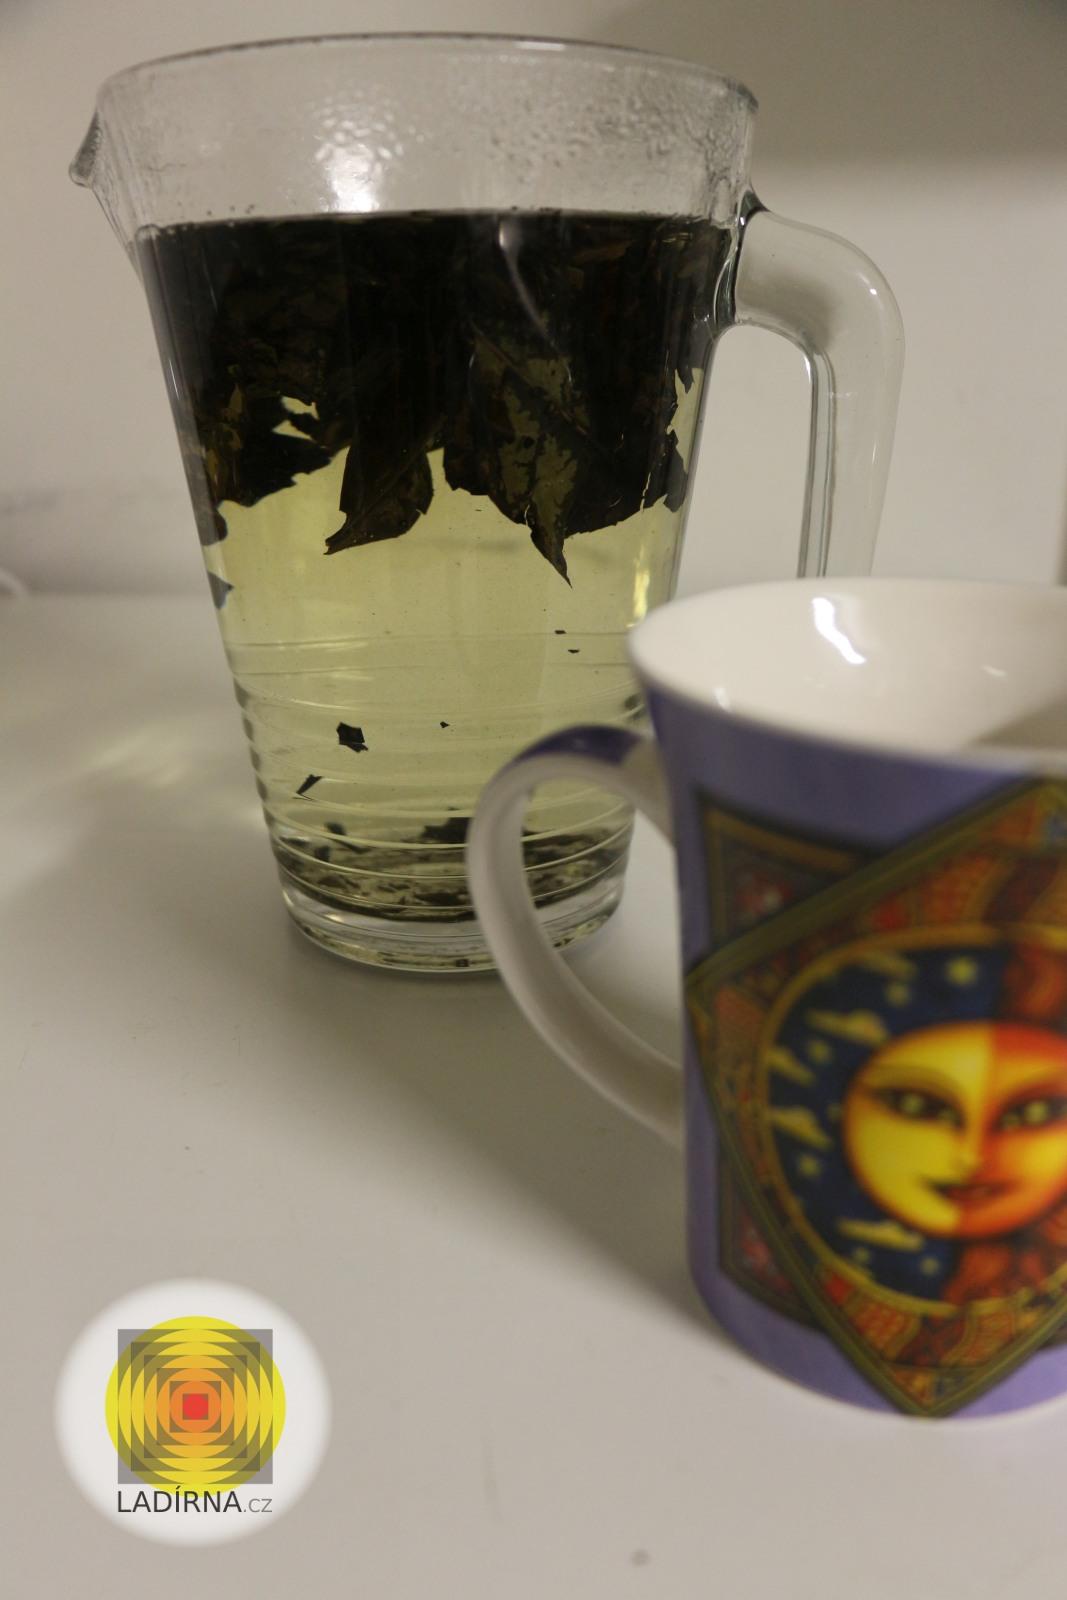 Kategorie: Čaje, káva, horká čokoláda